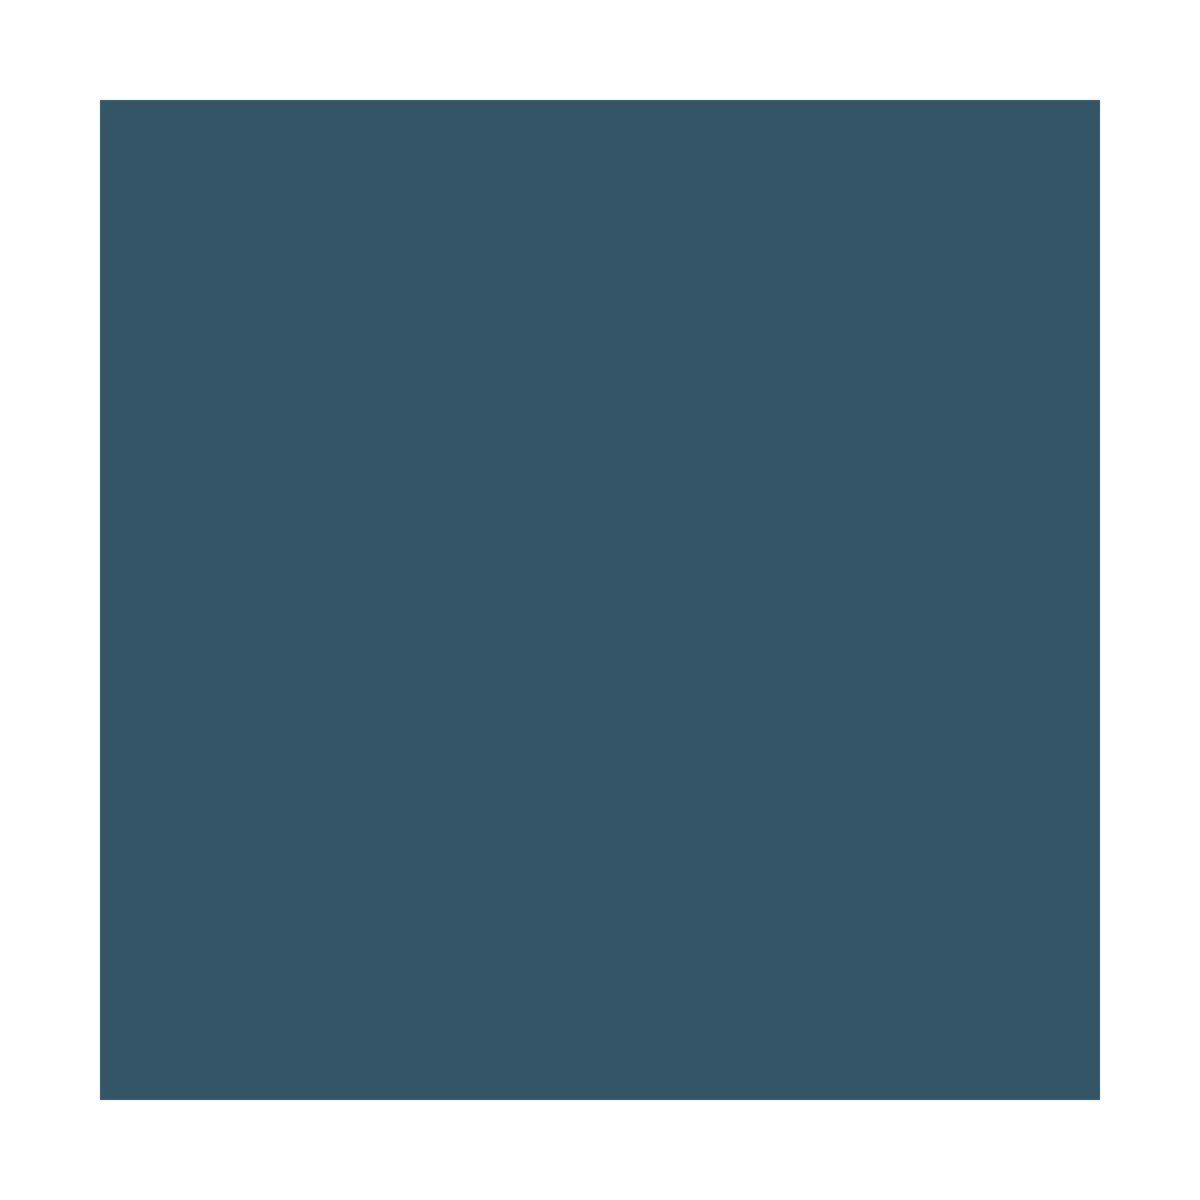 bd_backgrounds_108_deep_blue_02